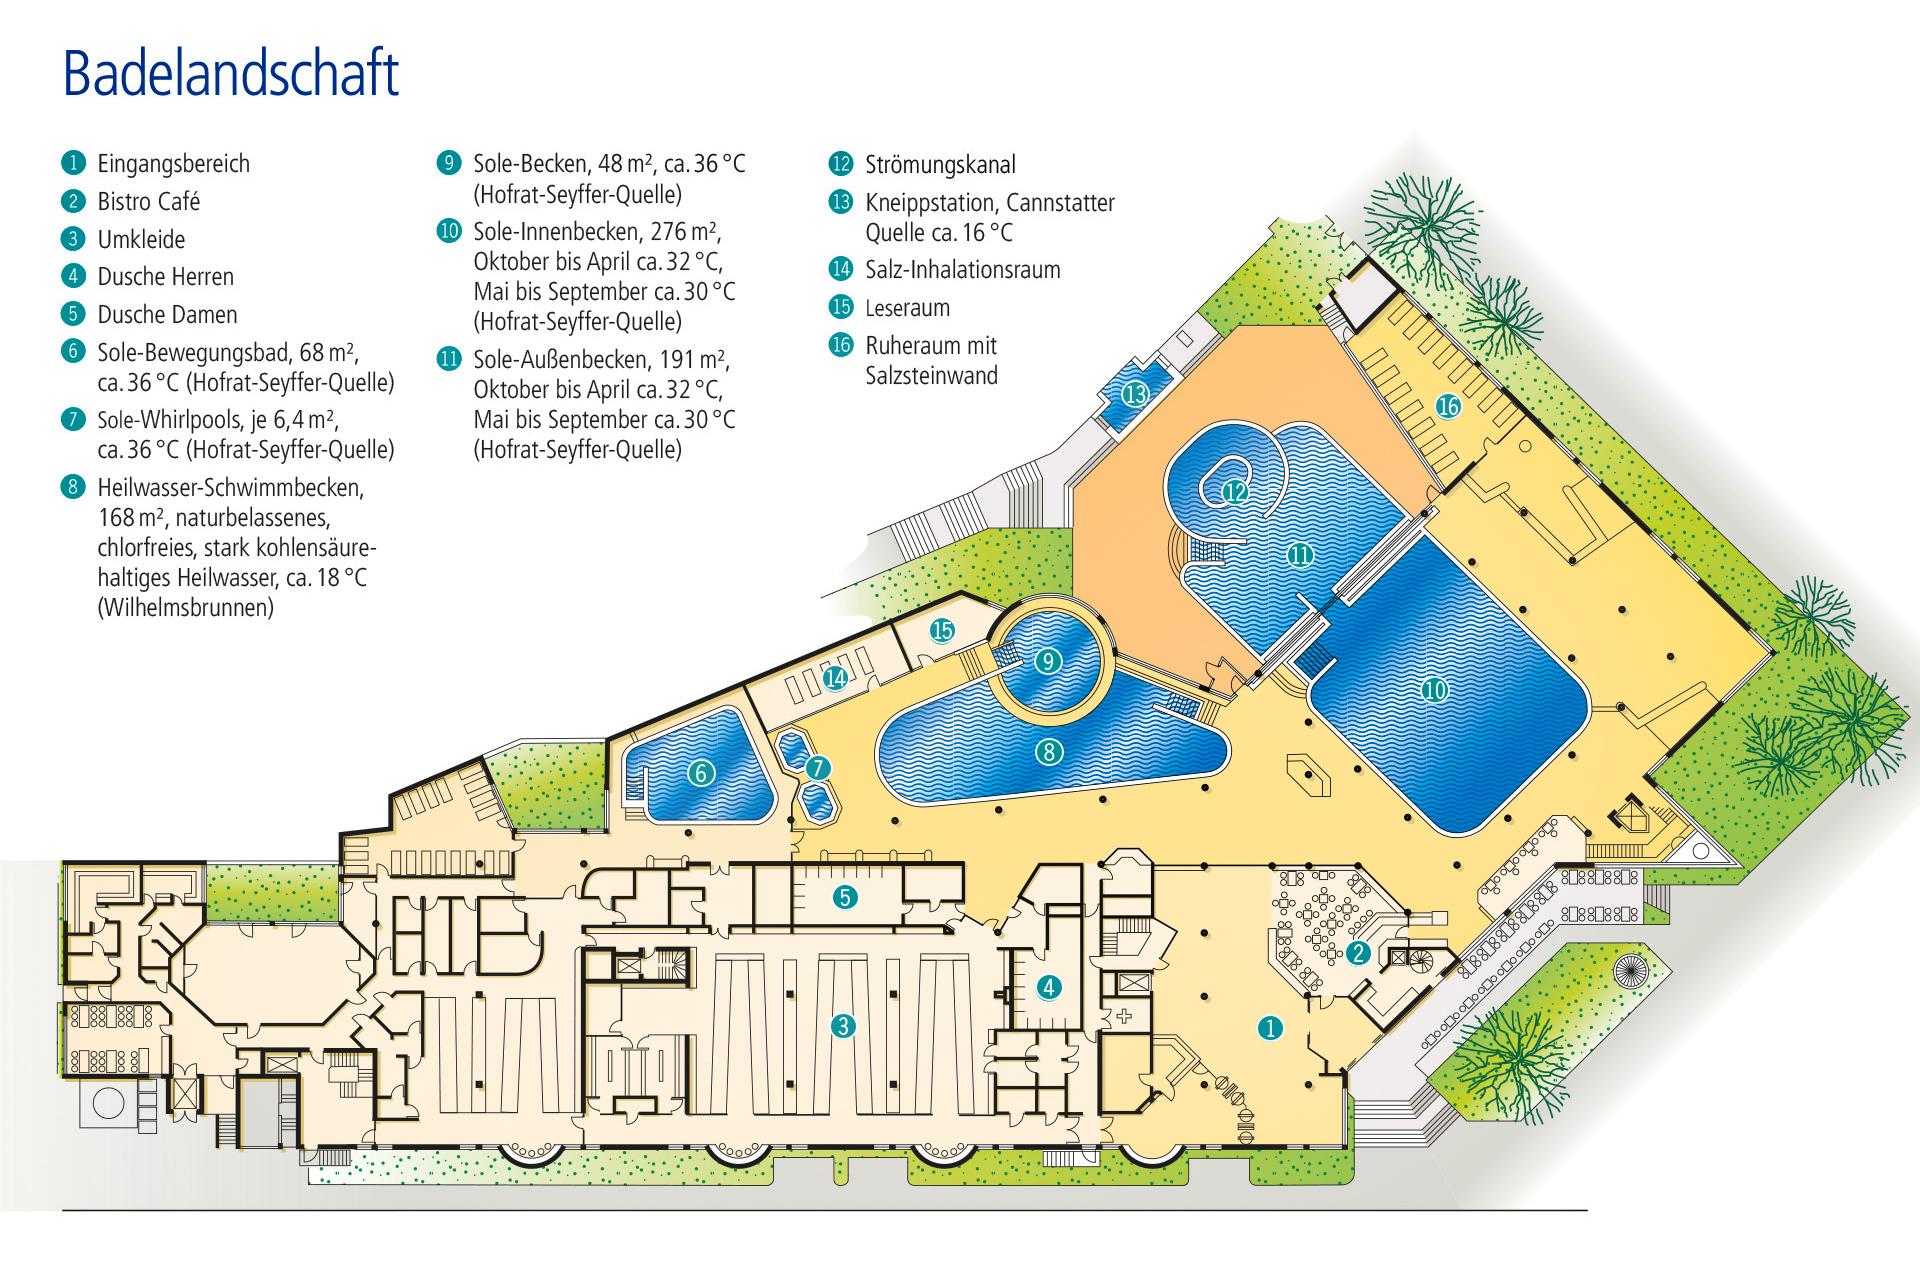 Lageplan der Badelandschaft